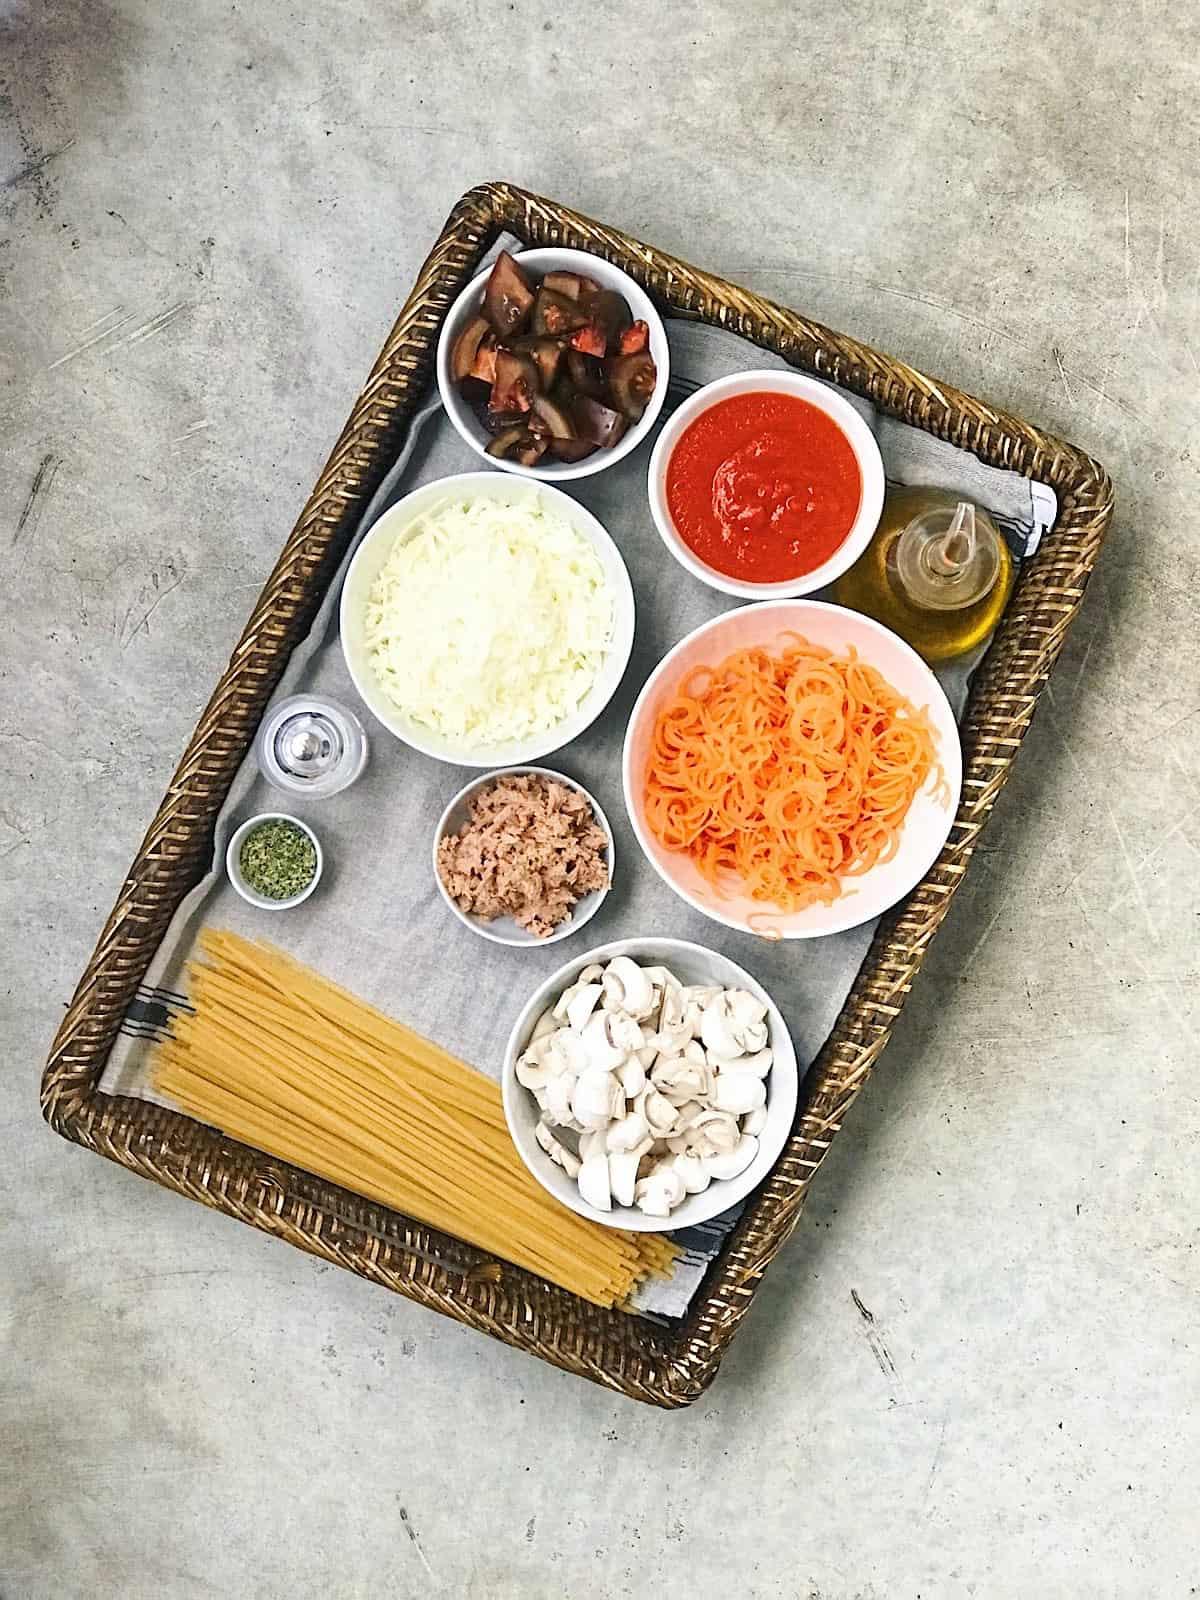 Ingredientes de espaguetis con atun al horno